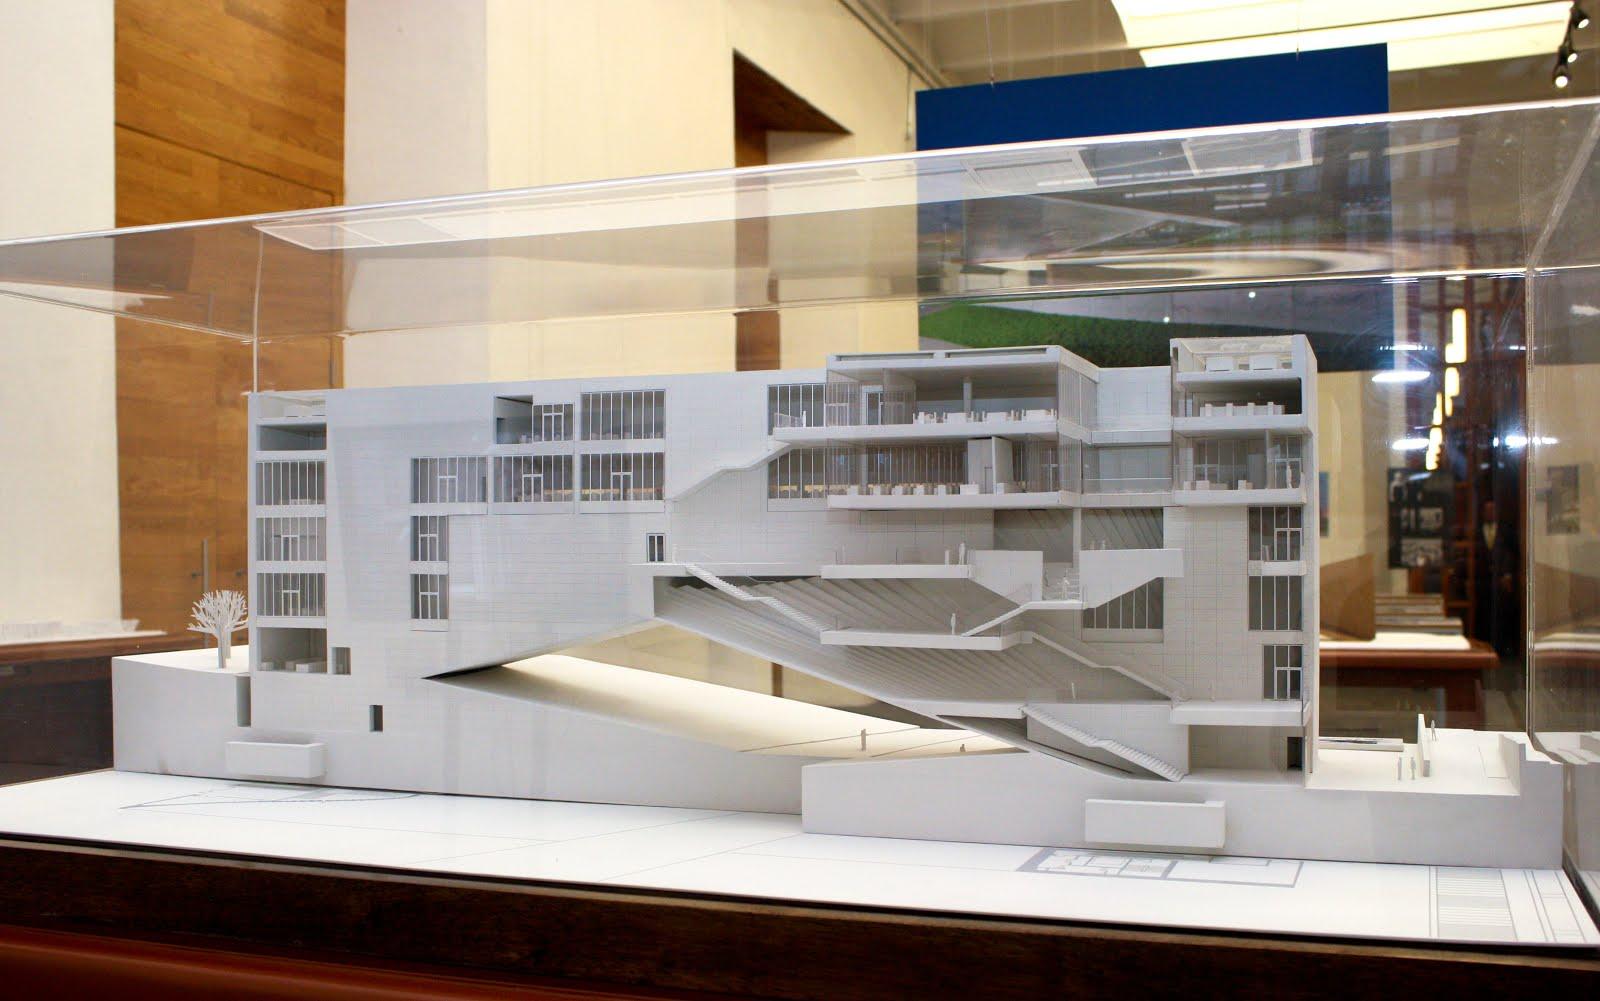 """Biblioteca de México día con día: """"Umbral creativo"""" de Tadao Ando"""